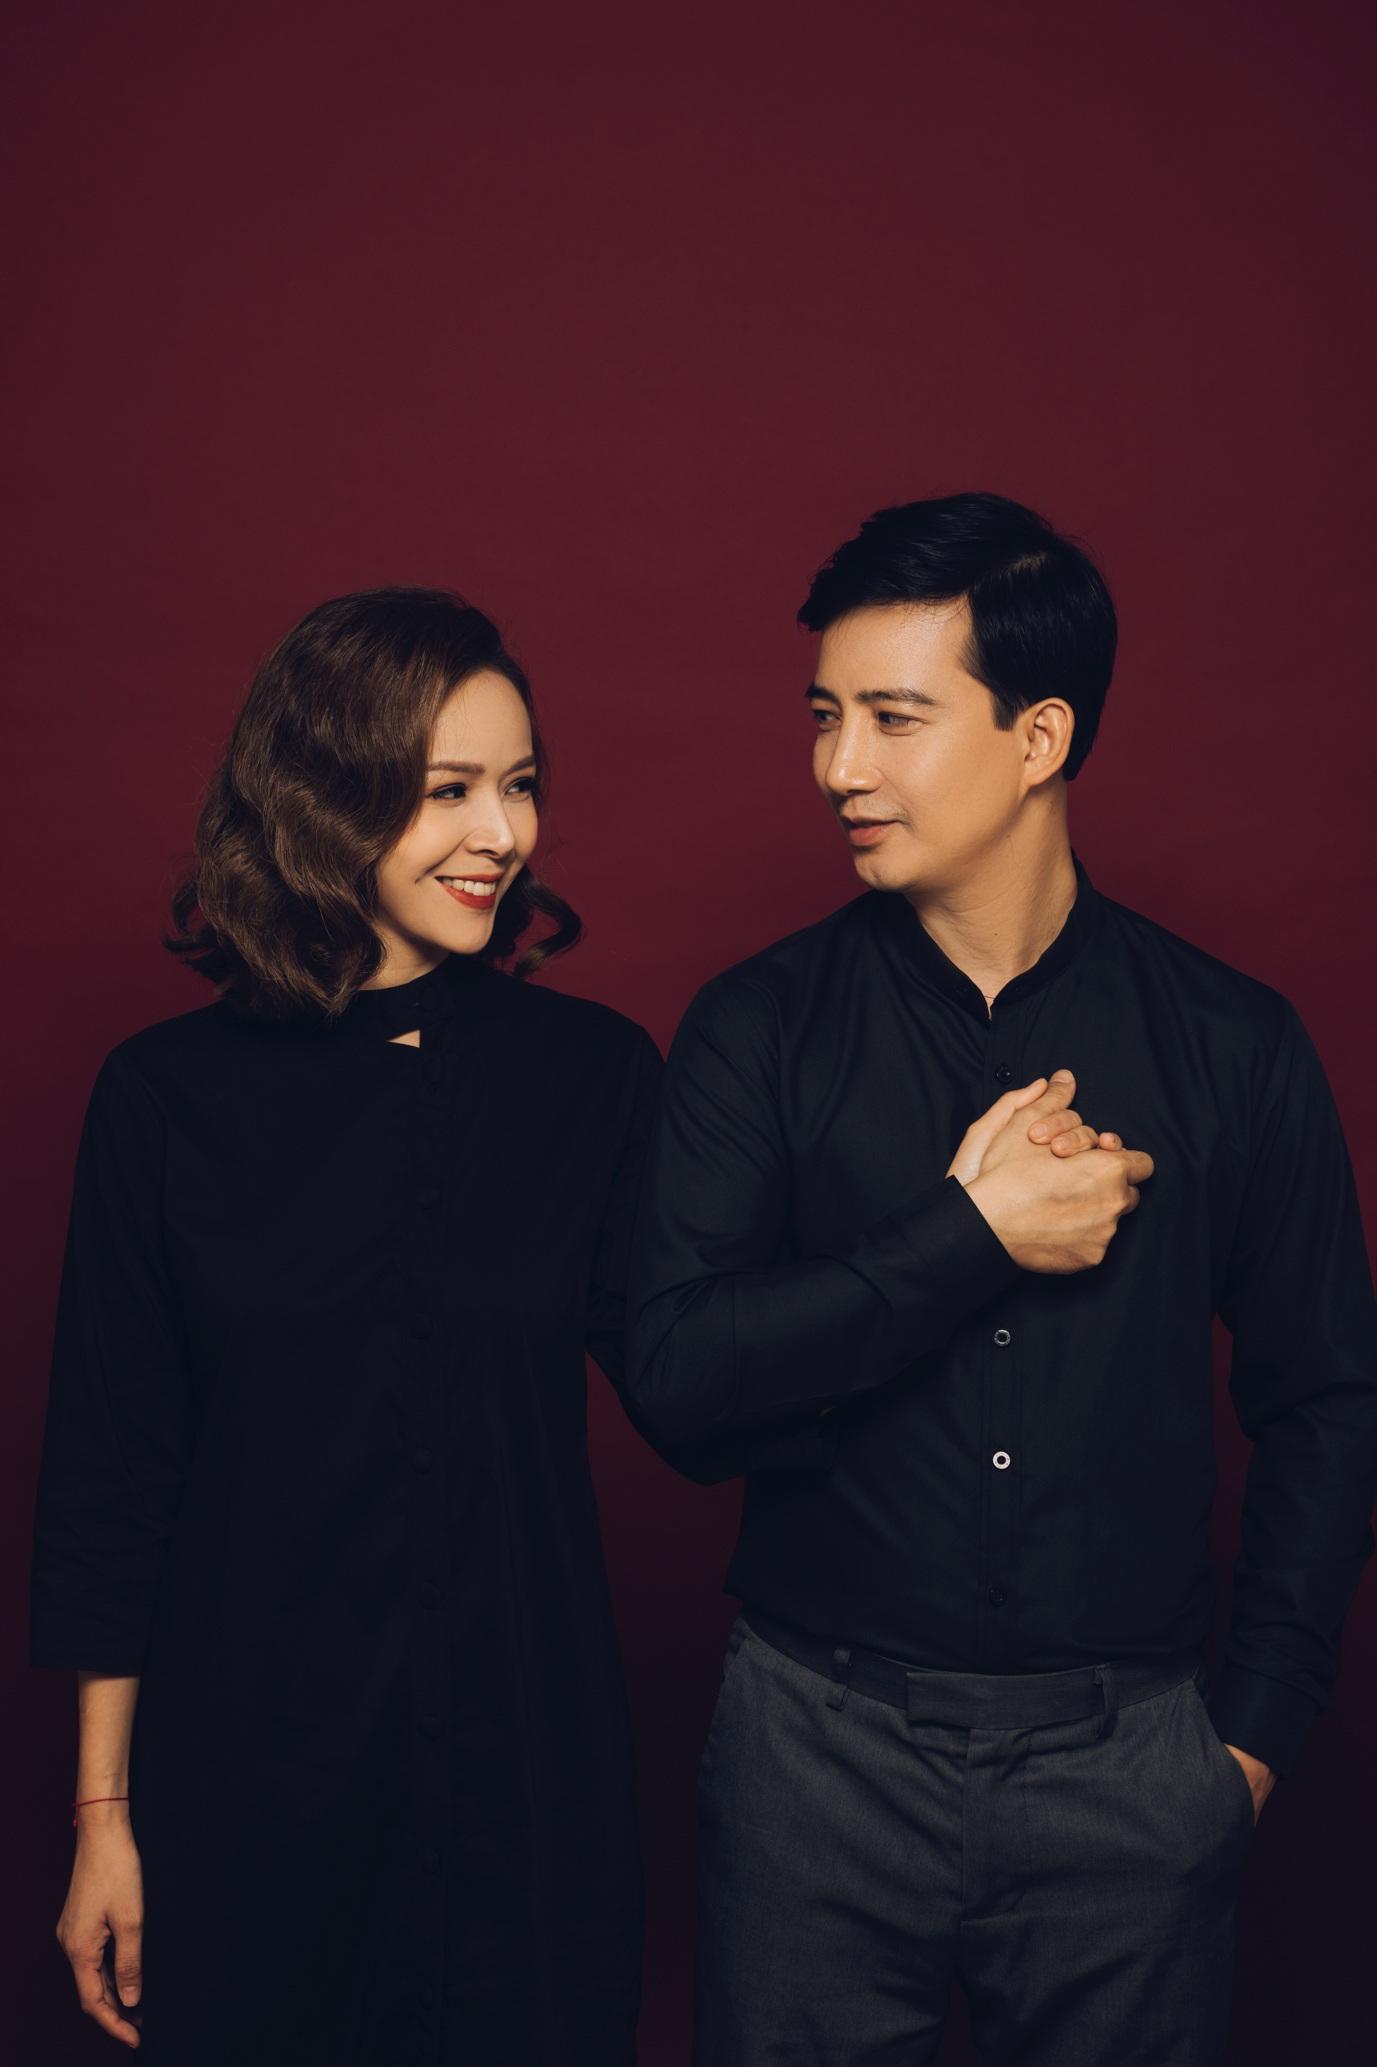 """Nữ diễn viên """"đanh đá nhất màn ảnh Việt"""" Diễm Hương chia sẻ về chuyện hôn nhân - 5"""